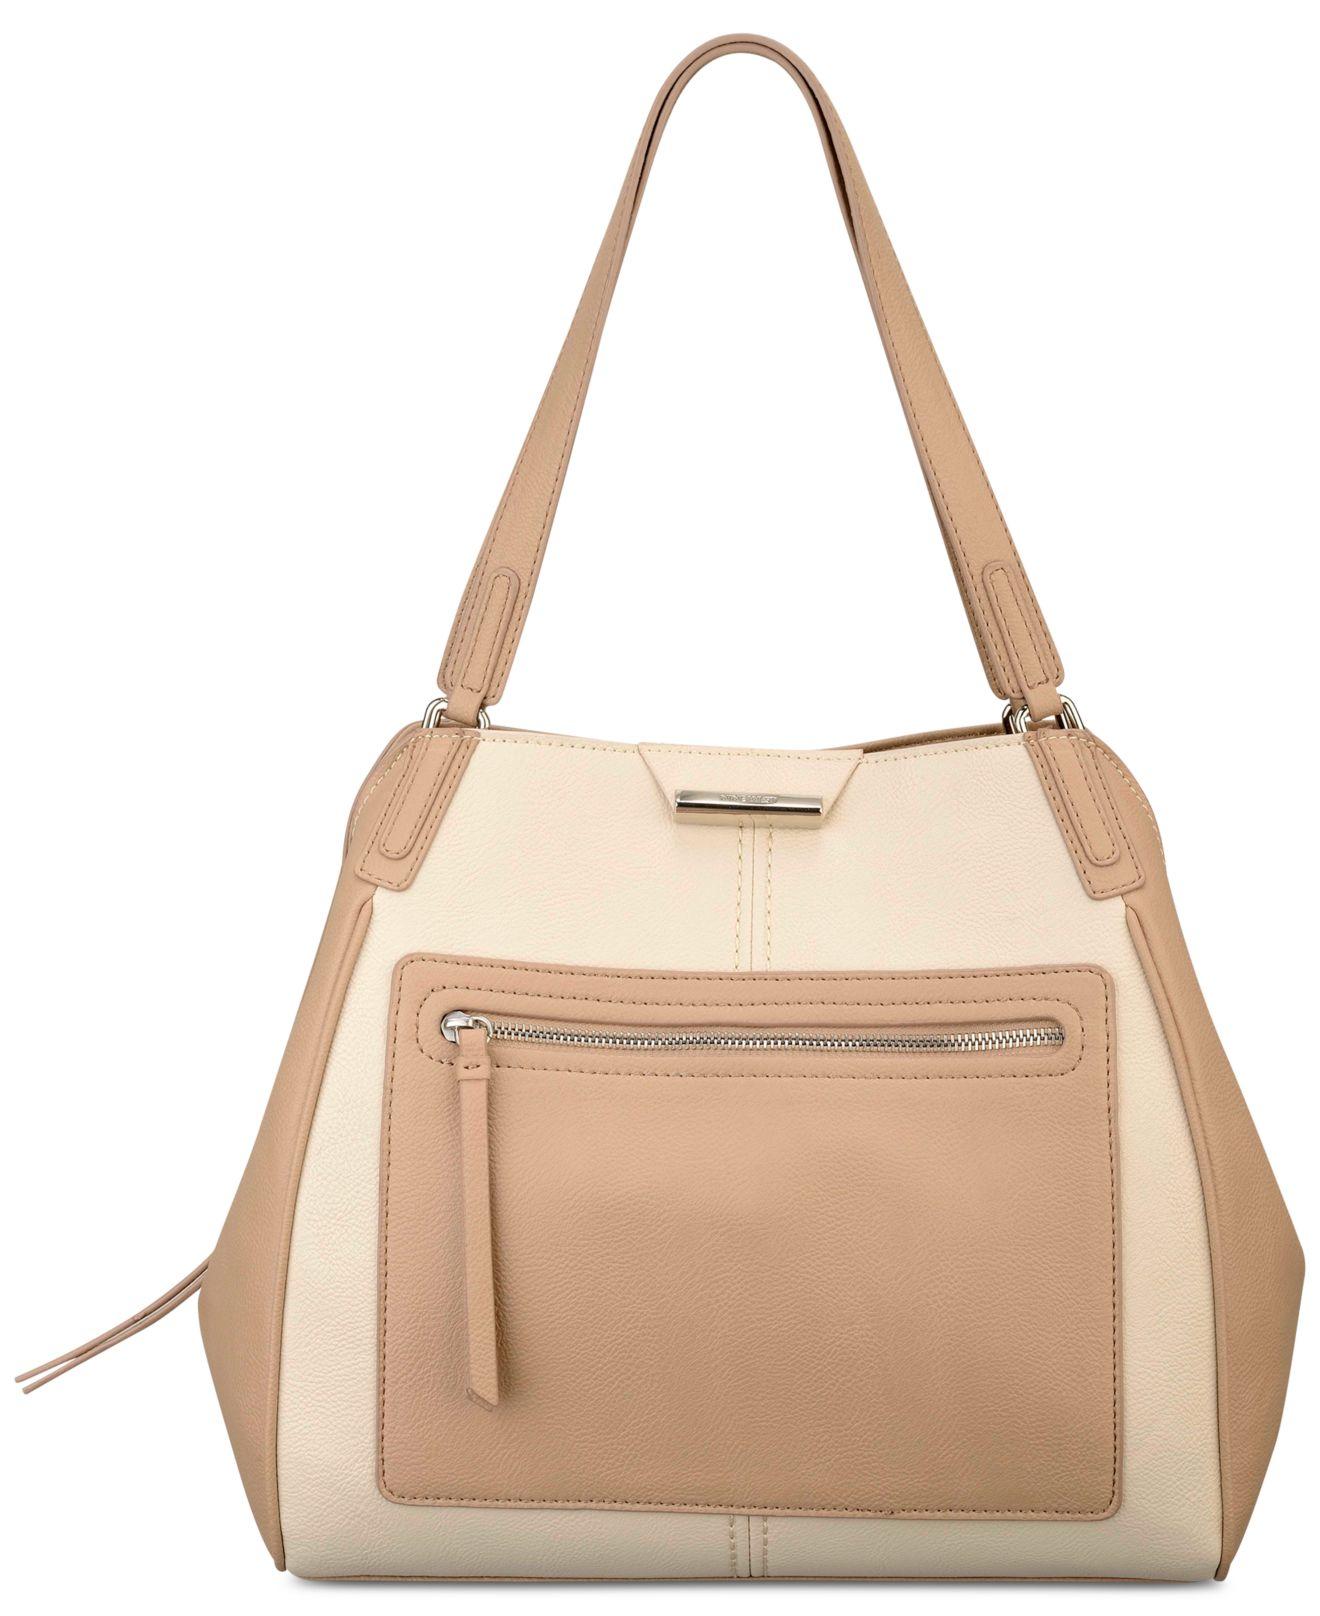 4da3882adc8 Lyst - Nine West Just Zip It Large Shoulder Bag in Brown